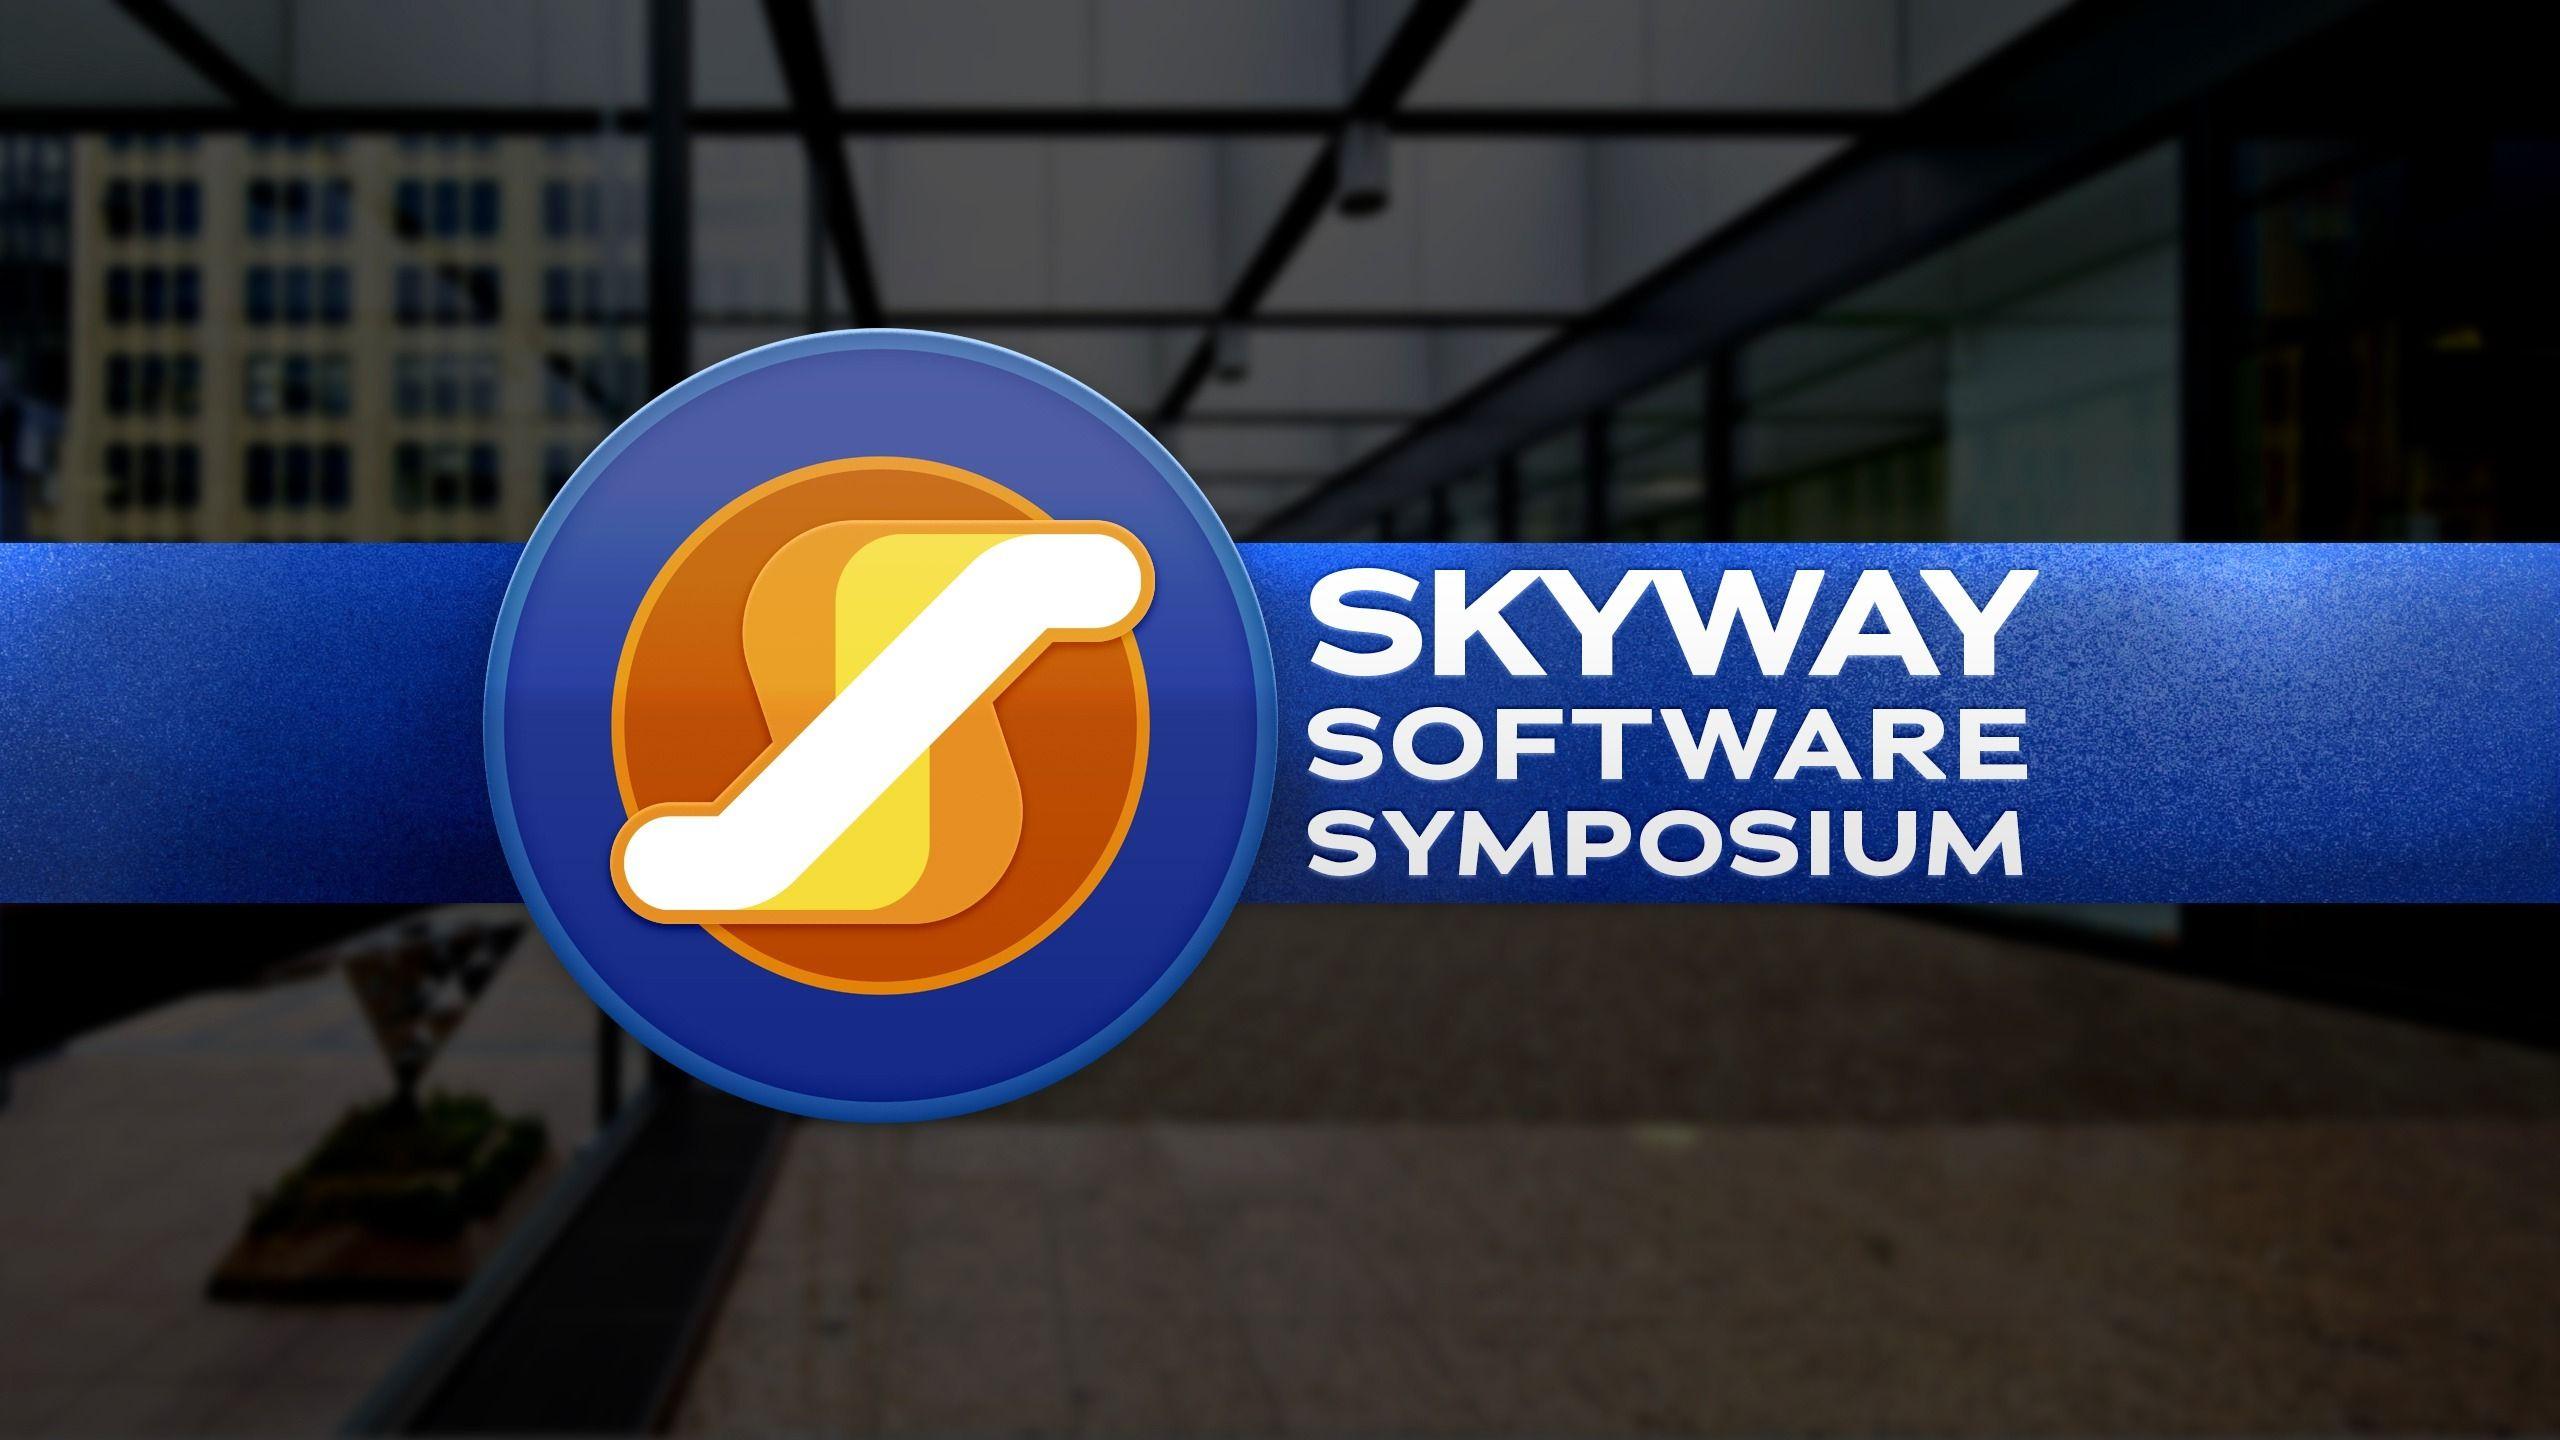 Skyway Software Symposium